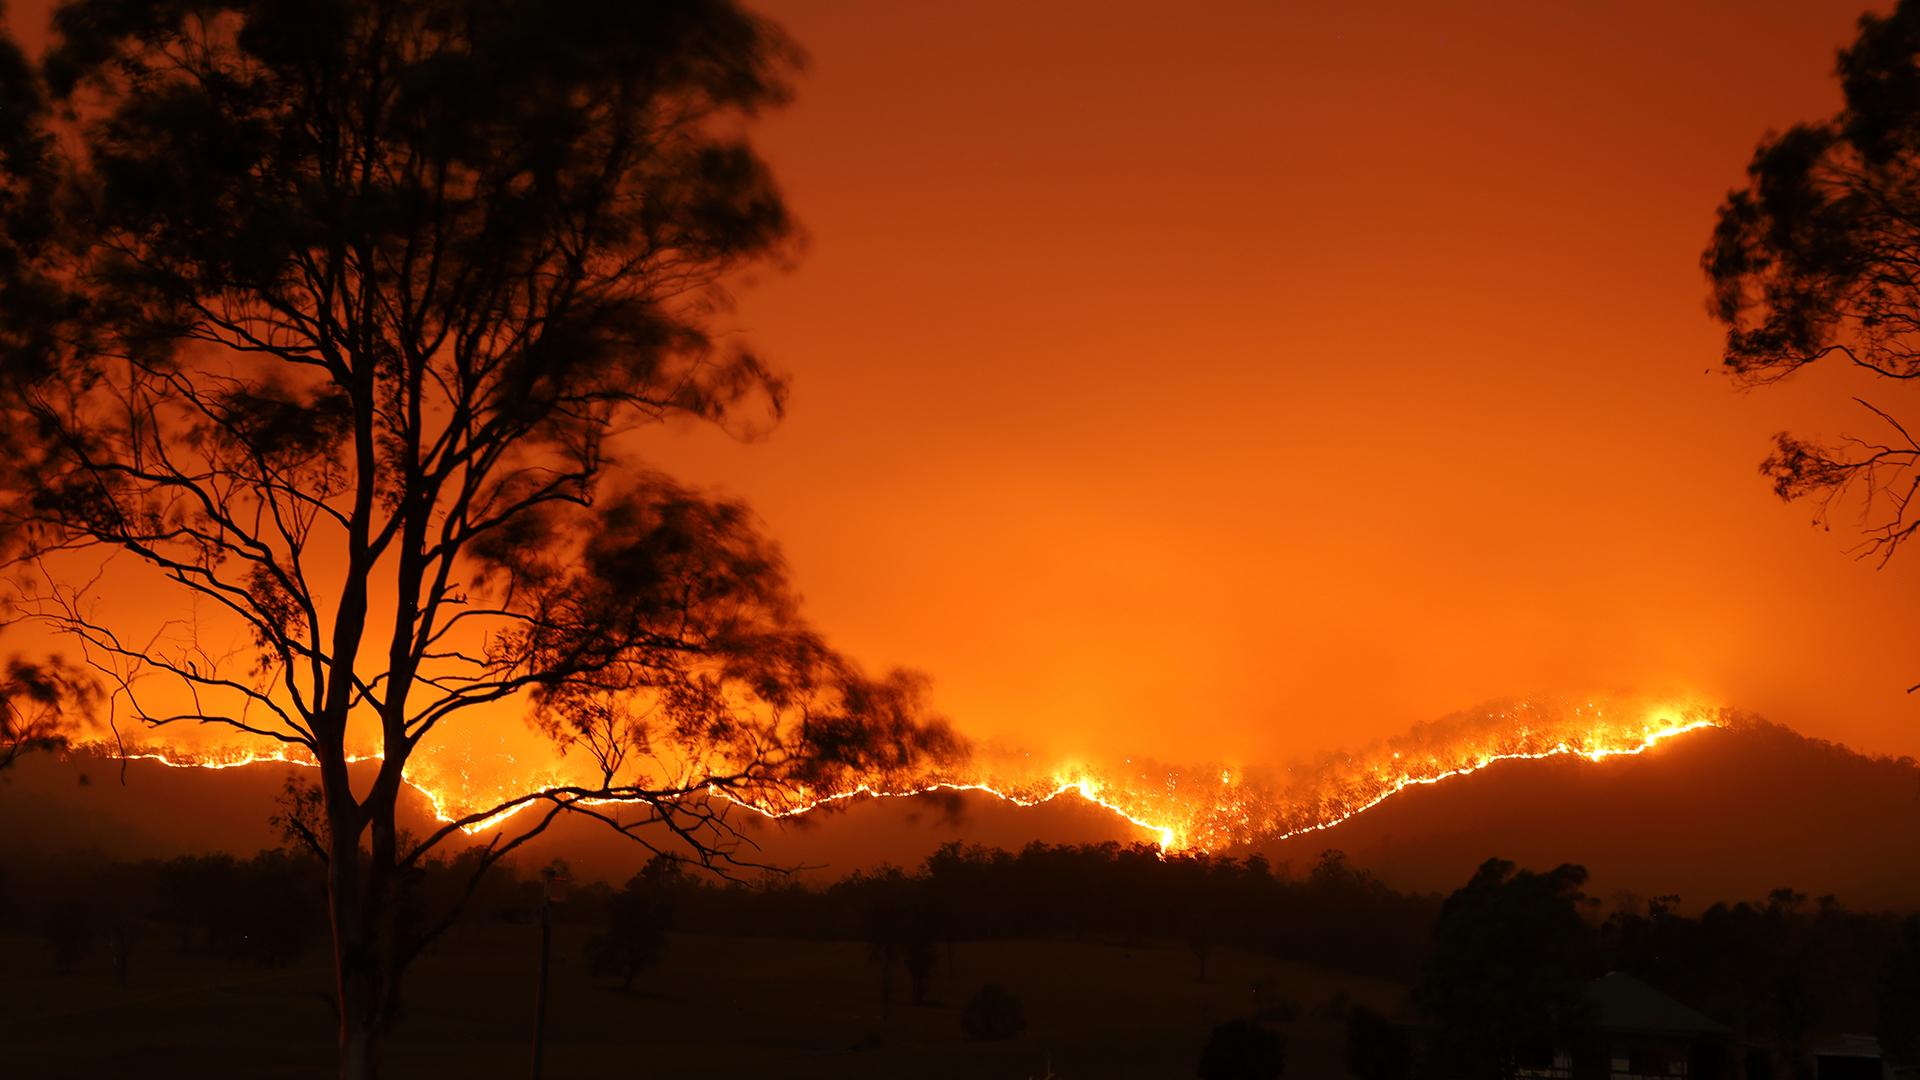 Die Klimakrise ist für die Feuer in Australien verantwortlich und nicht Brandstiftung. © Adam Dederer / WWF Australien